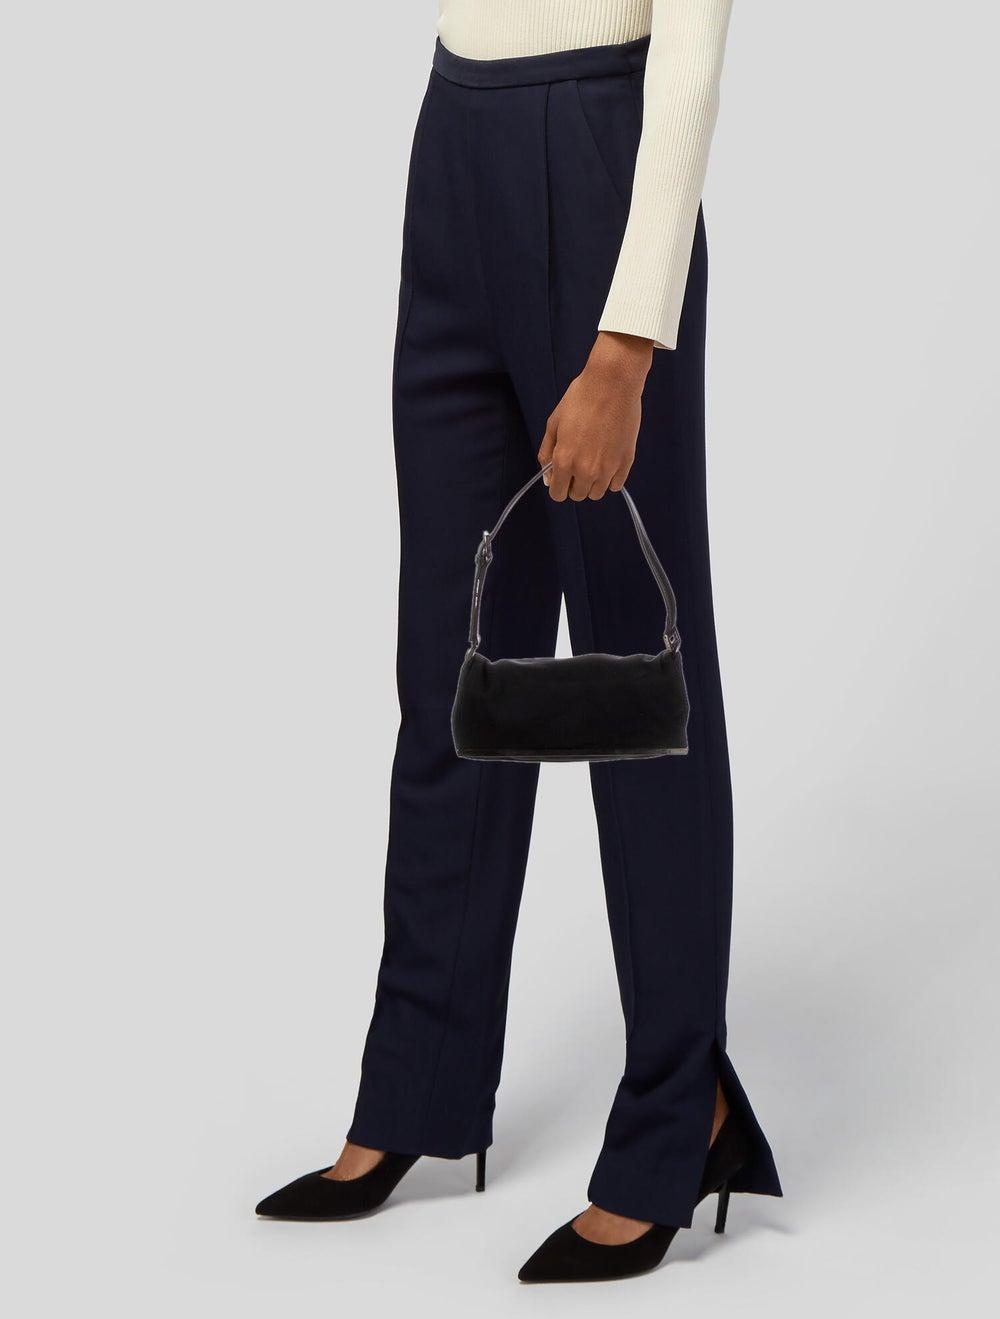 Fendi Leather-Trimmed Nylon Shoulder Bag Black - image 2